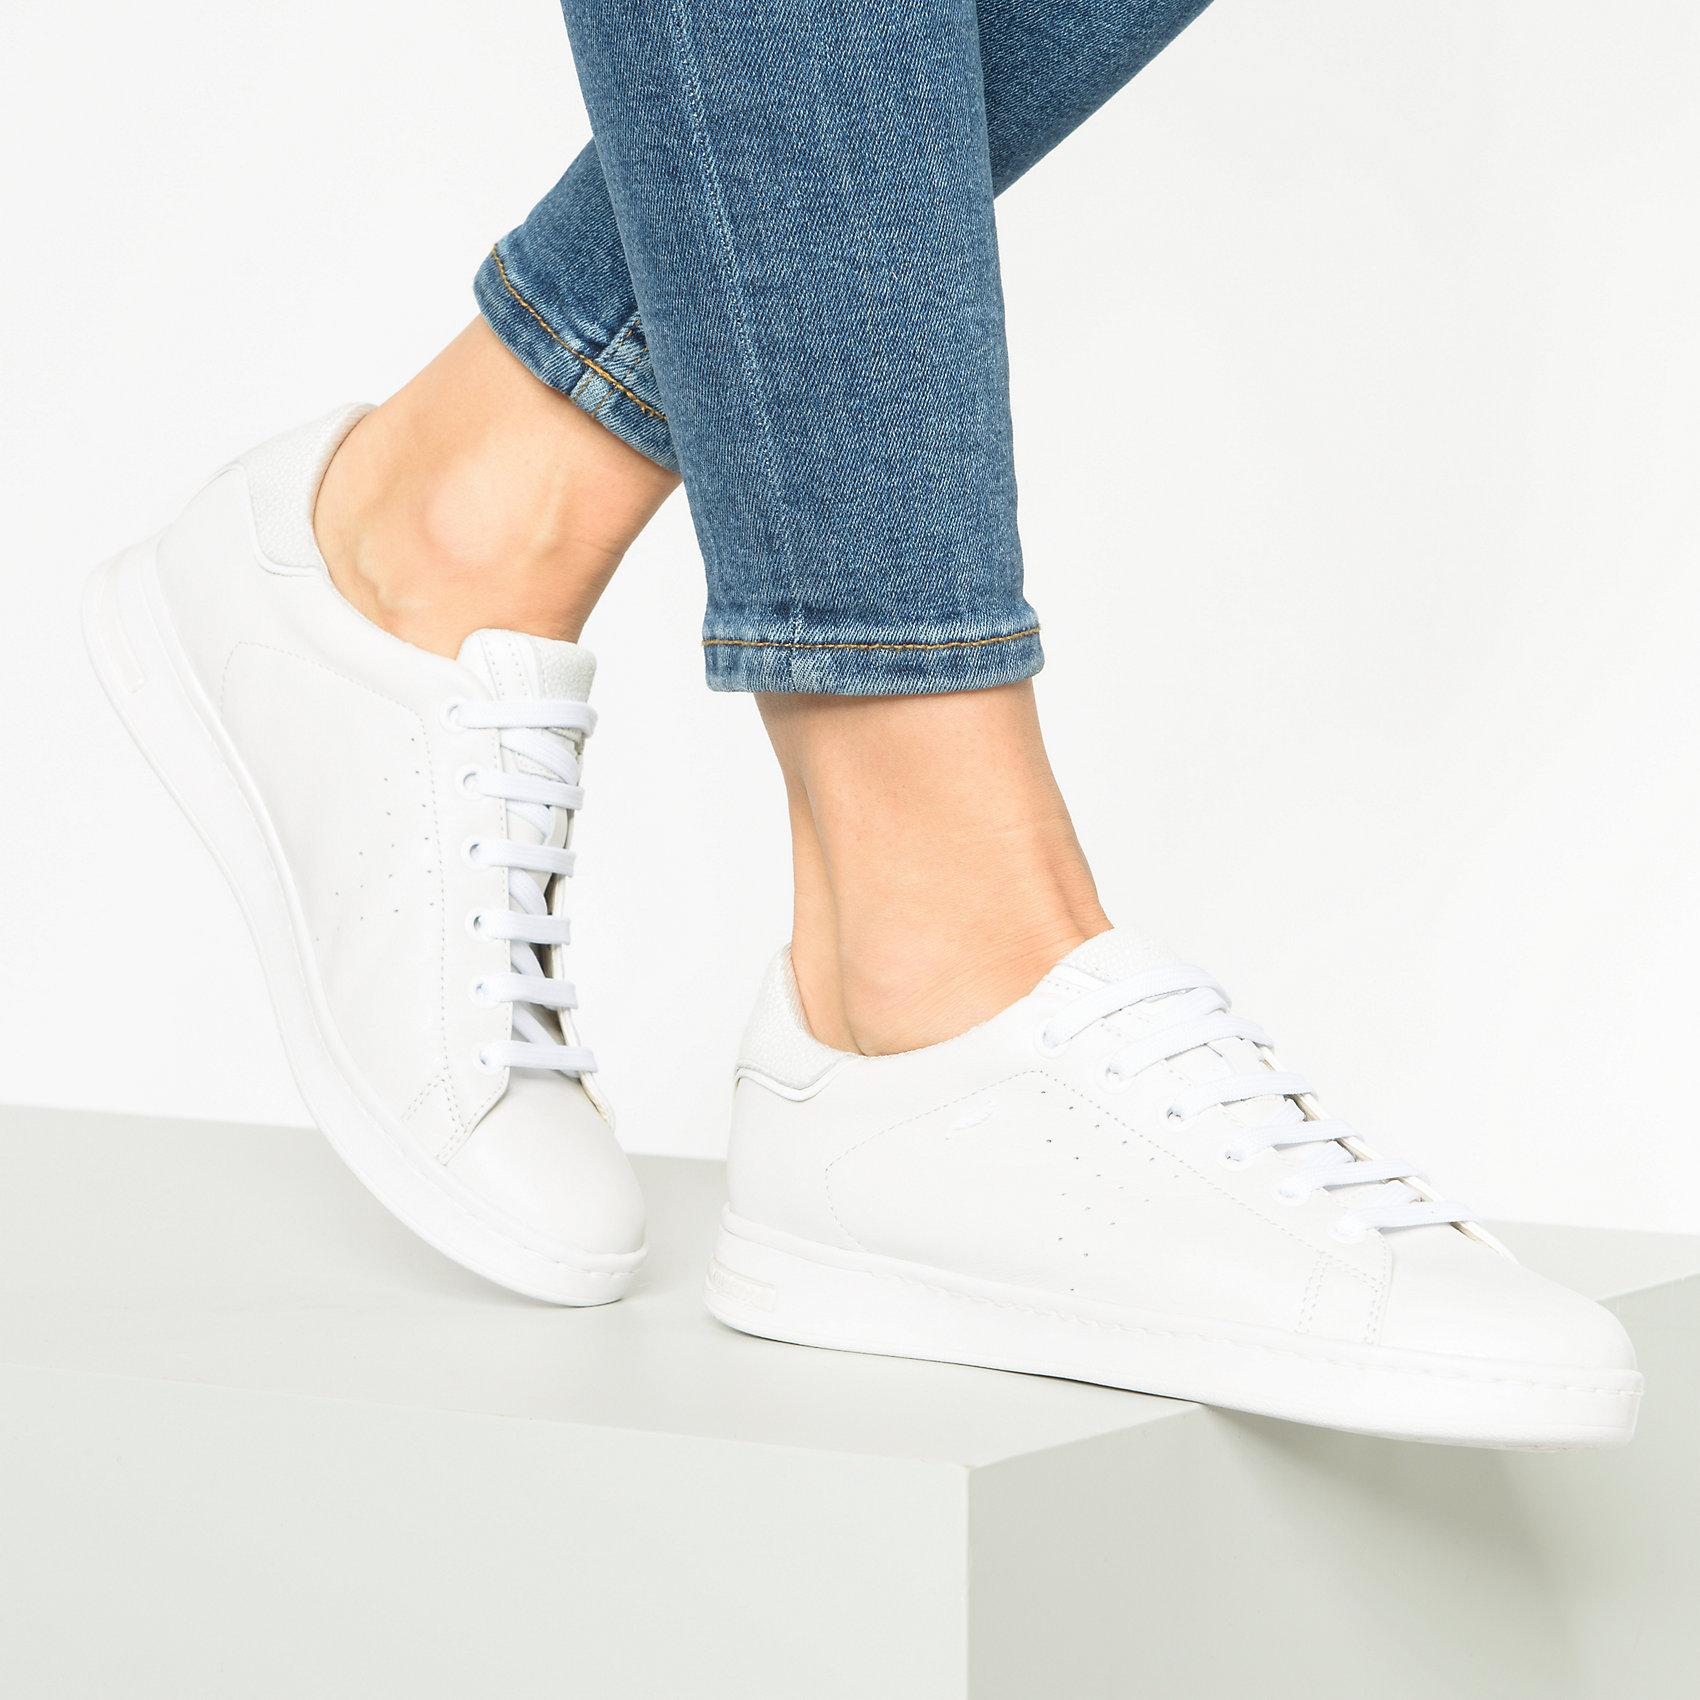 Details zu Neu GEOX Sneakers Low 10607582 für Damen wollweiß